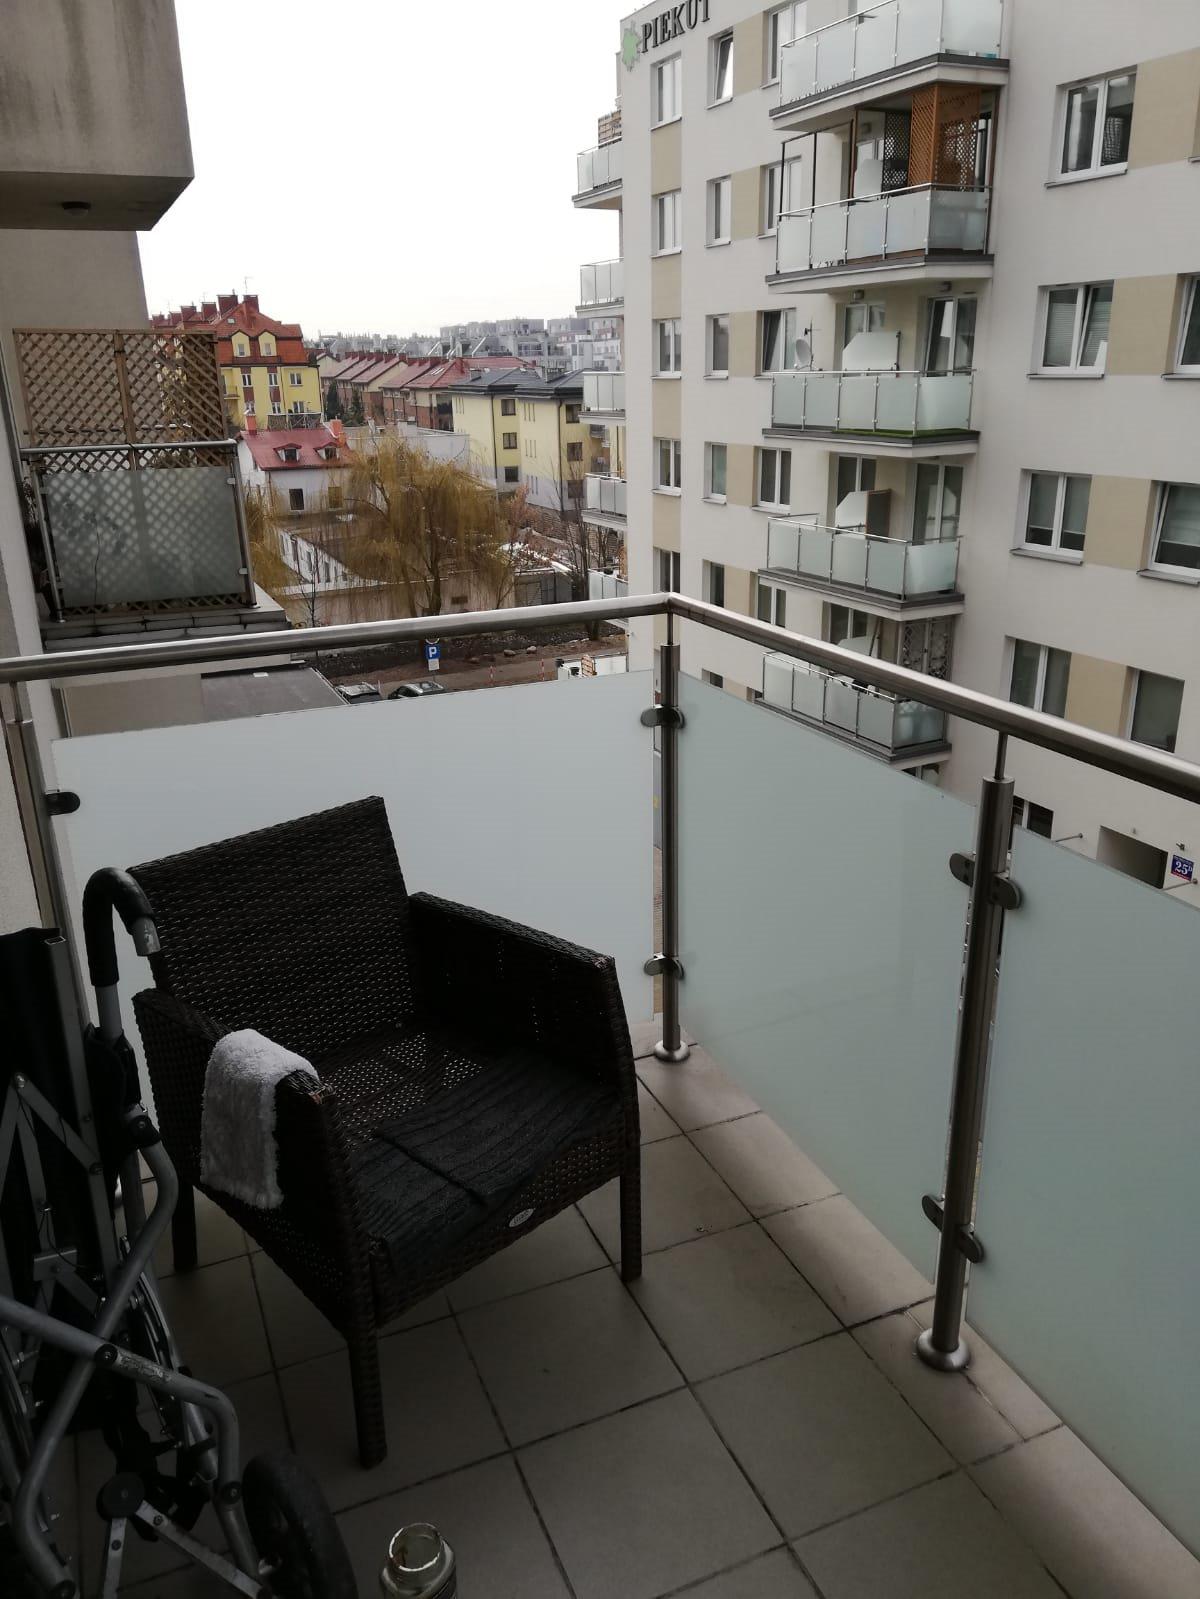 Pokój na wynajem Piaseczno, Kniaziewicza  15m2 Foto 2